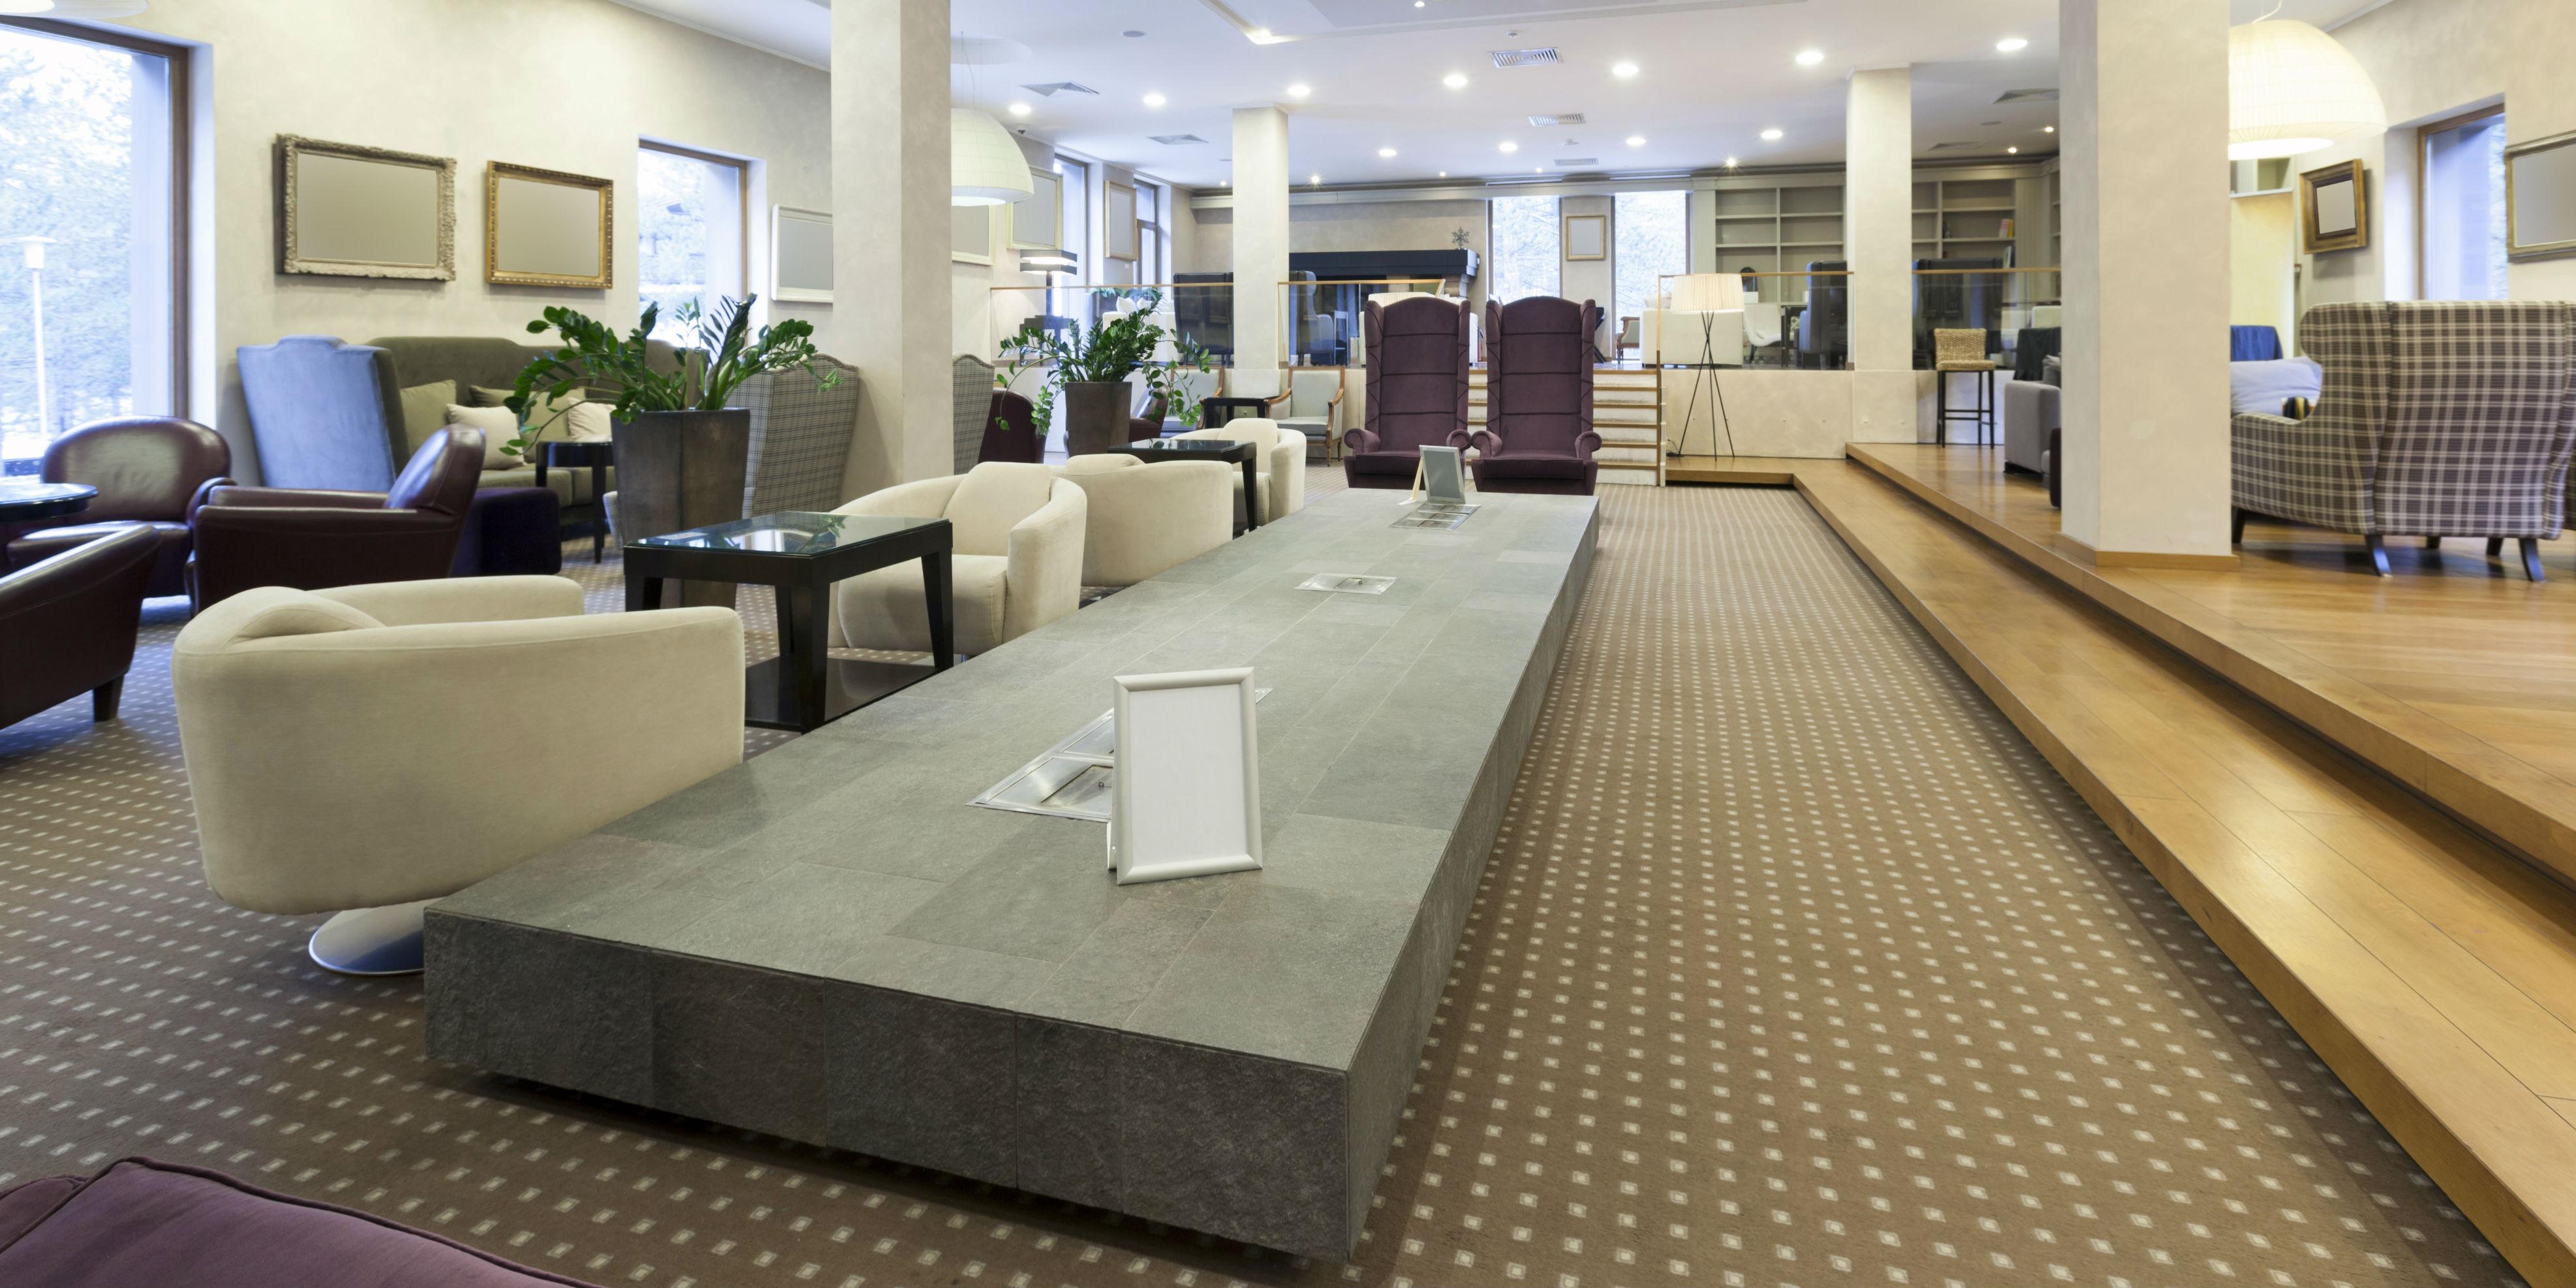 <strong>Nettoyage de meubles, tapis et carpettes</strong>